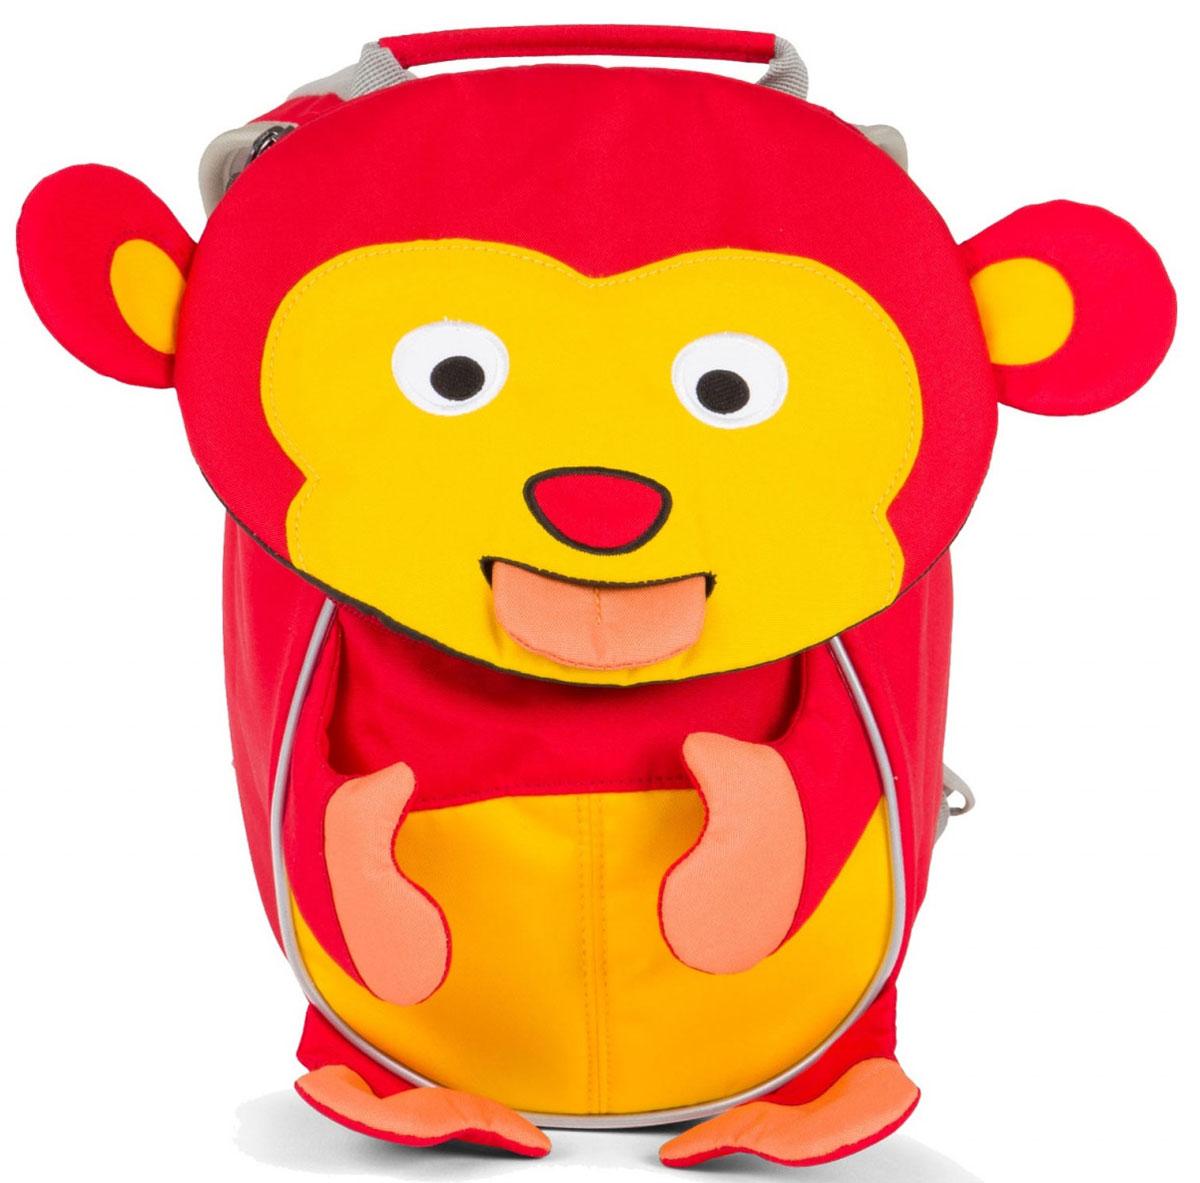 Affenzahn Рюкзак дошкольный Albert MonkeyAFZ-FAS-001-011Рюкзак Affenzahn, выполненный из прочного материала, предназначен для детей раннего возраста.Предусмотрена возможность регулировки лямочной системы, в частности, нагрудного ремня по высоте. Рюкзак включает в себя вместительное внутреннее отделение с растягивающимся карманом. На ярлыке в виде высовывающегося языка можно написать имя ребенка. Изделие оснащено ручкой для переноски. Светоотражающие элементы на внешней стороне рюкзака повышают безопасность на улице.